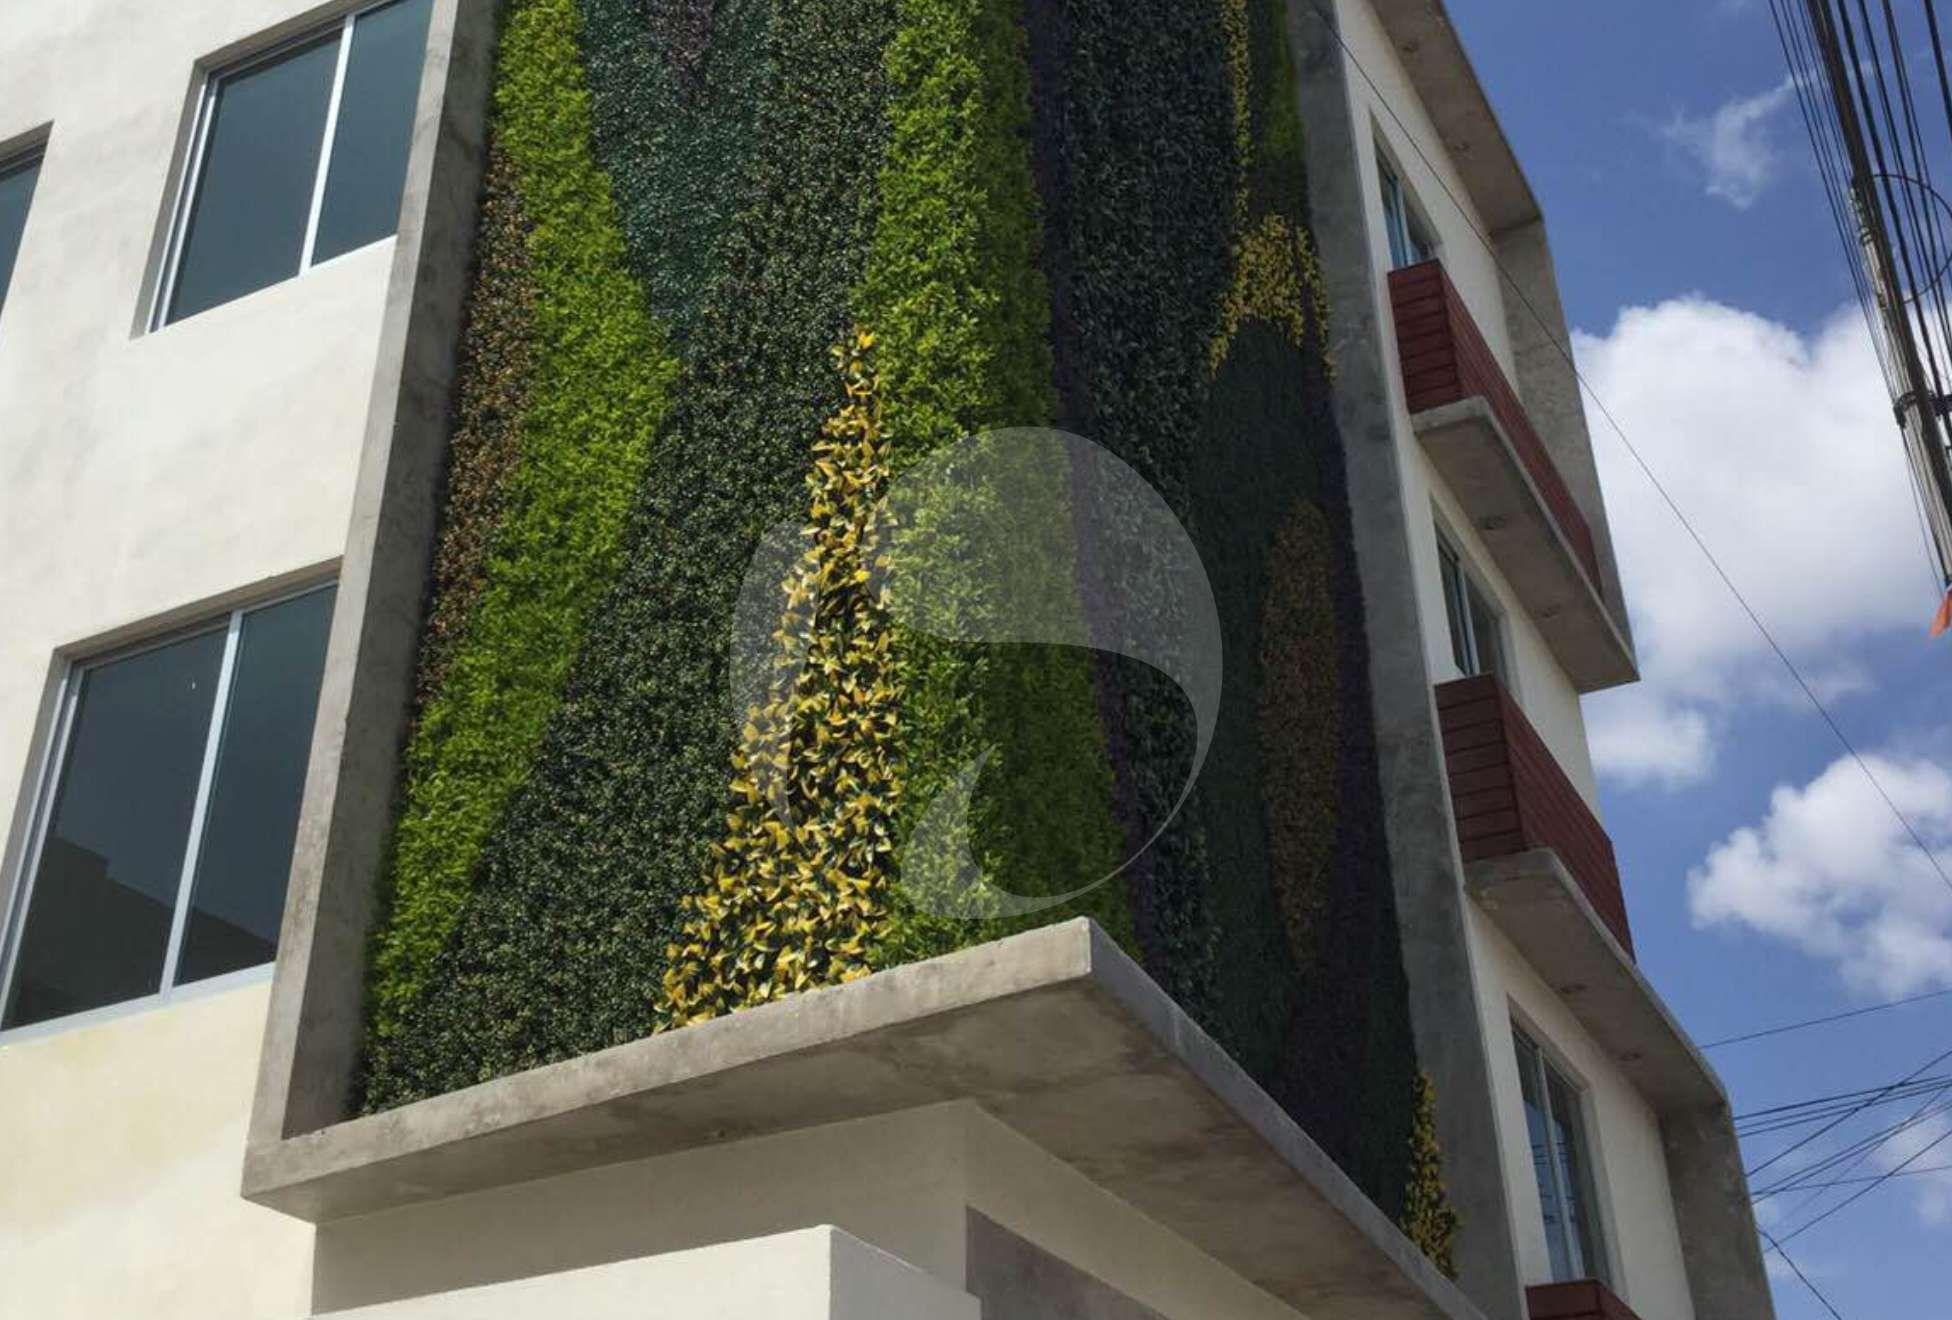 Muros verdes en la ciudad de puebla jardines verticales for Muros y fachadas verdes jardines verticales